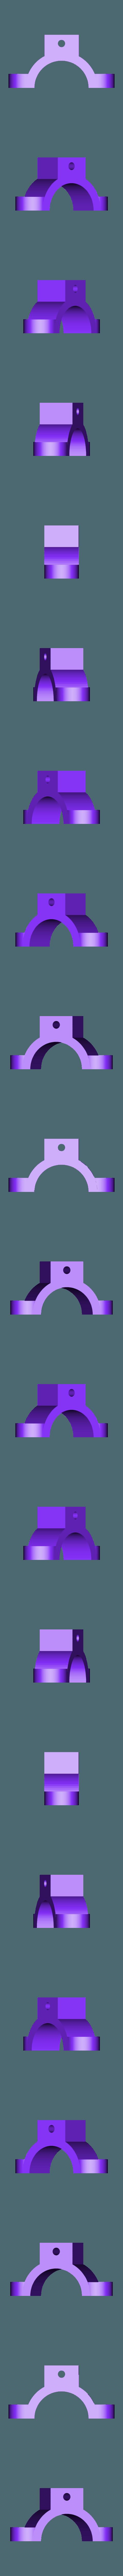 GoPro-Lenkrad-Halterung_-_connector_top_32mm.stl Télécharger fichier STL gratuit Support de guidon GoPro (personnalisable) • Design imprimable en 3D, dede67